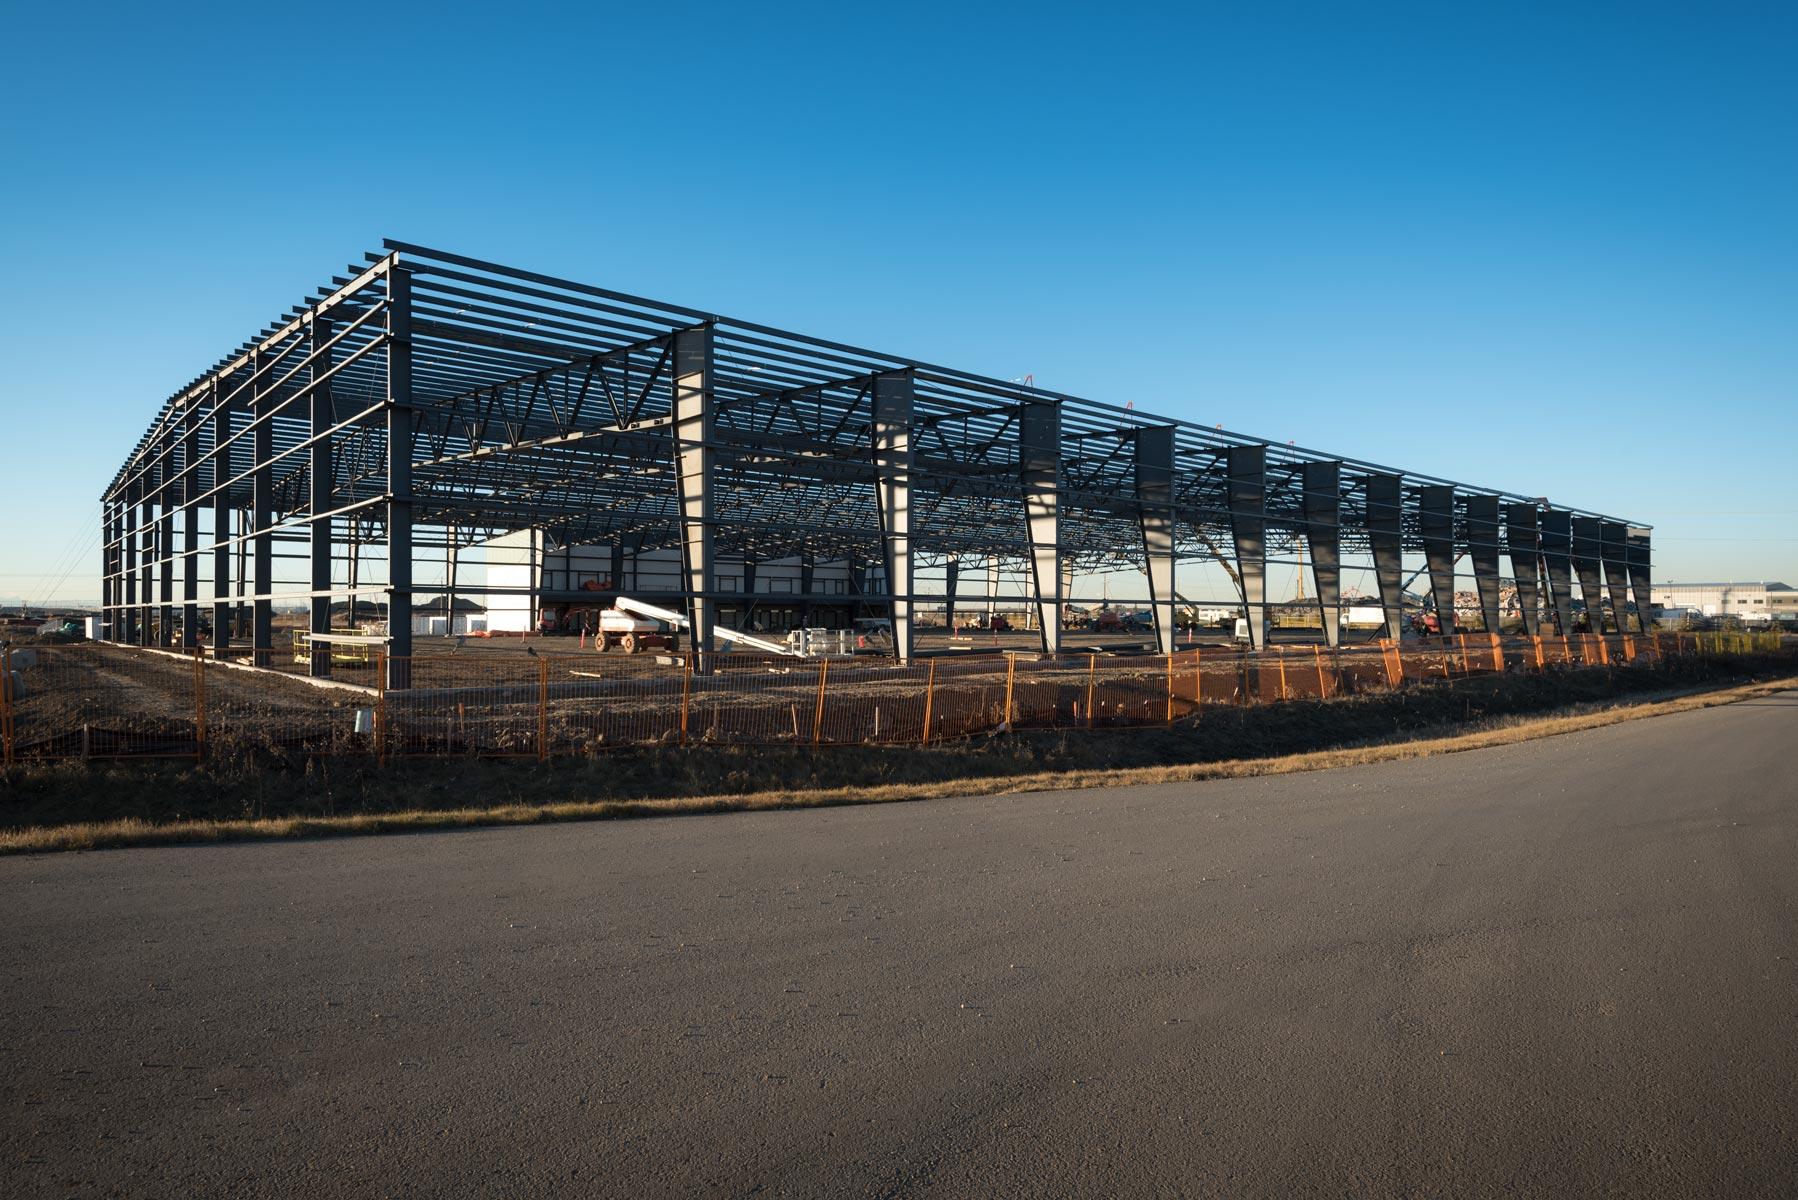 ricklan foothills soccer club prefab steel buildings bc steel buildings bc prefabricated metal buildings canada